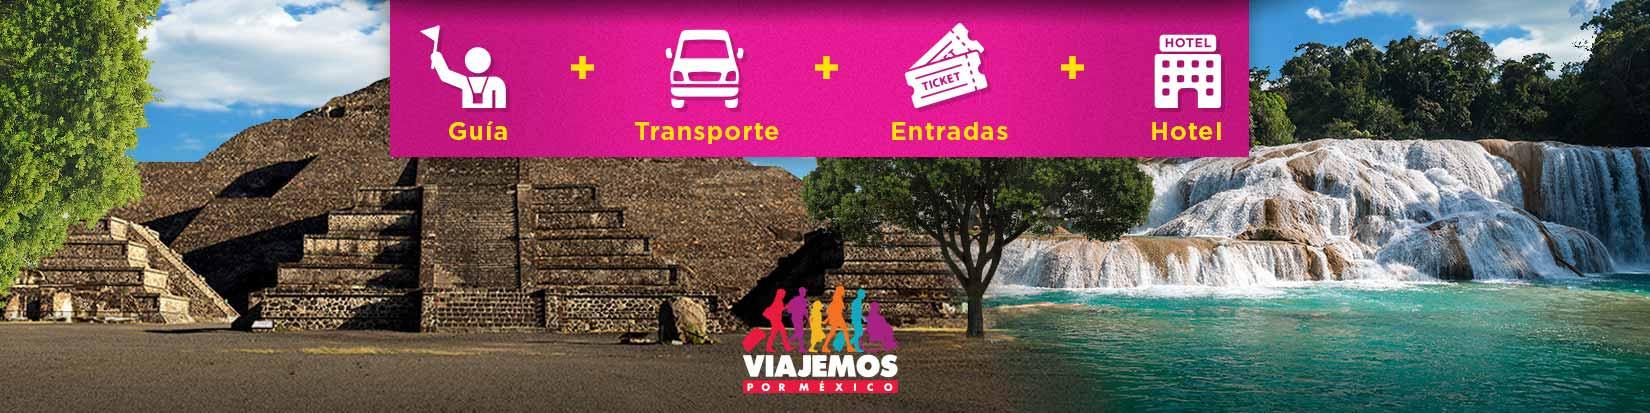 Paquetes Chiapas hasta 10 Días de Viaje